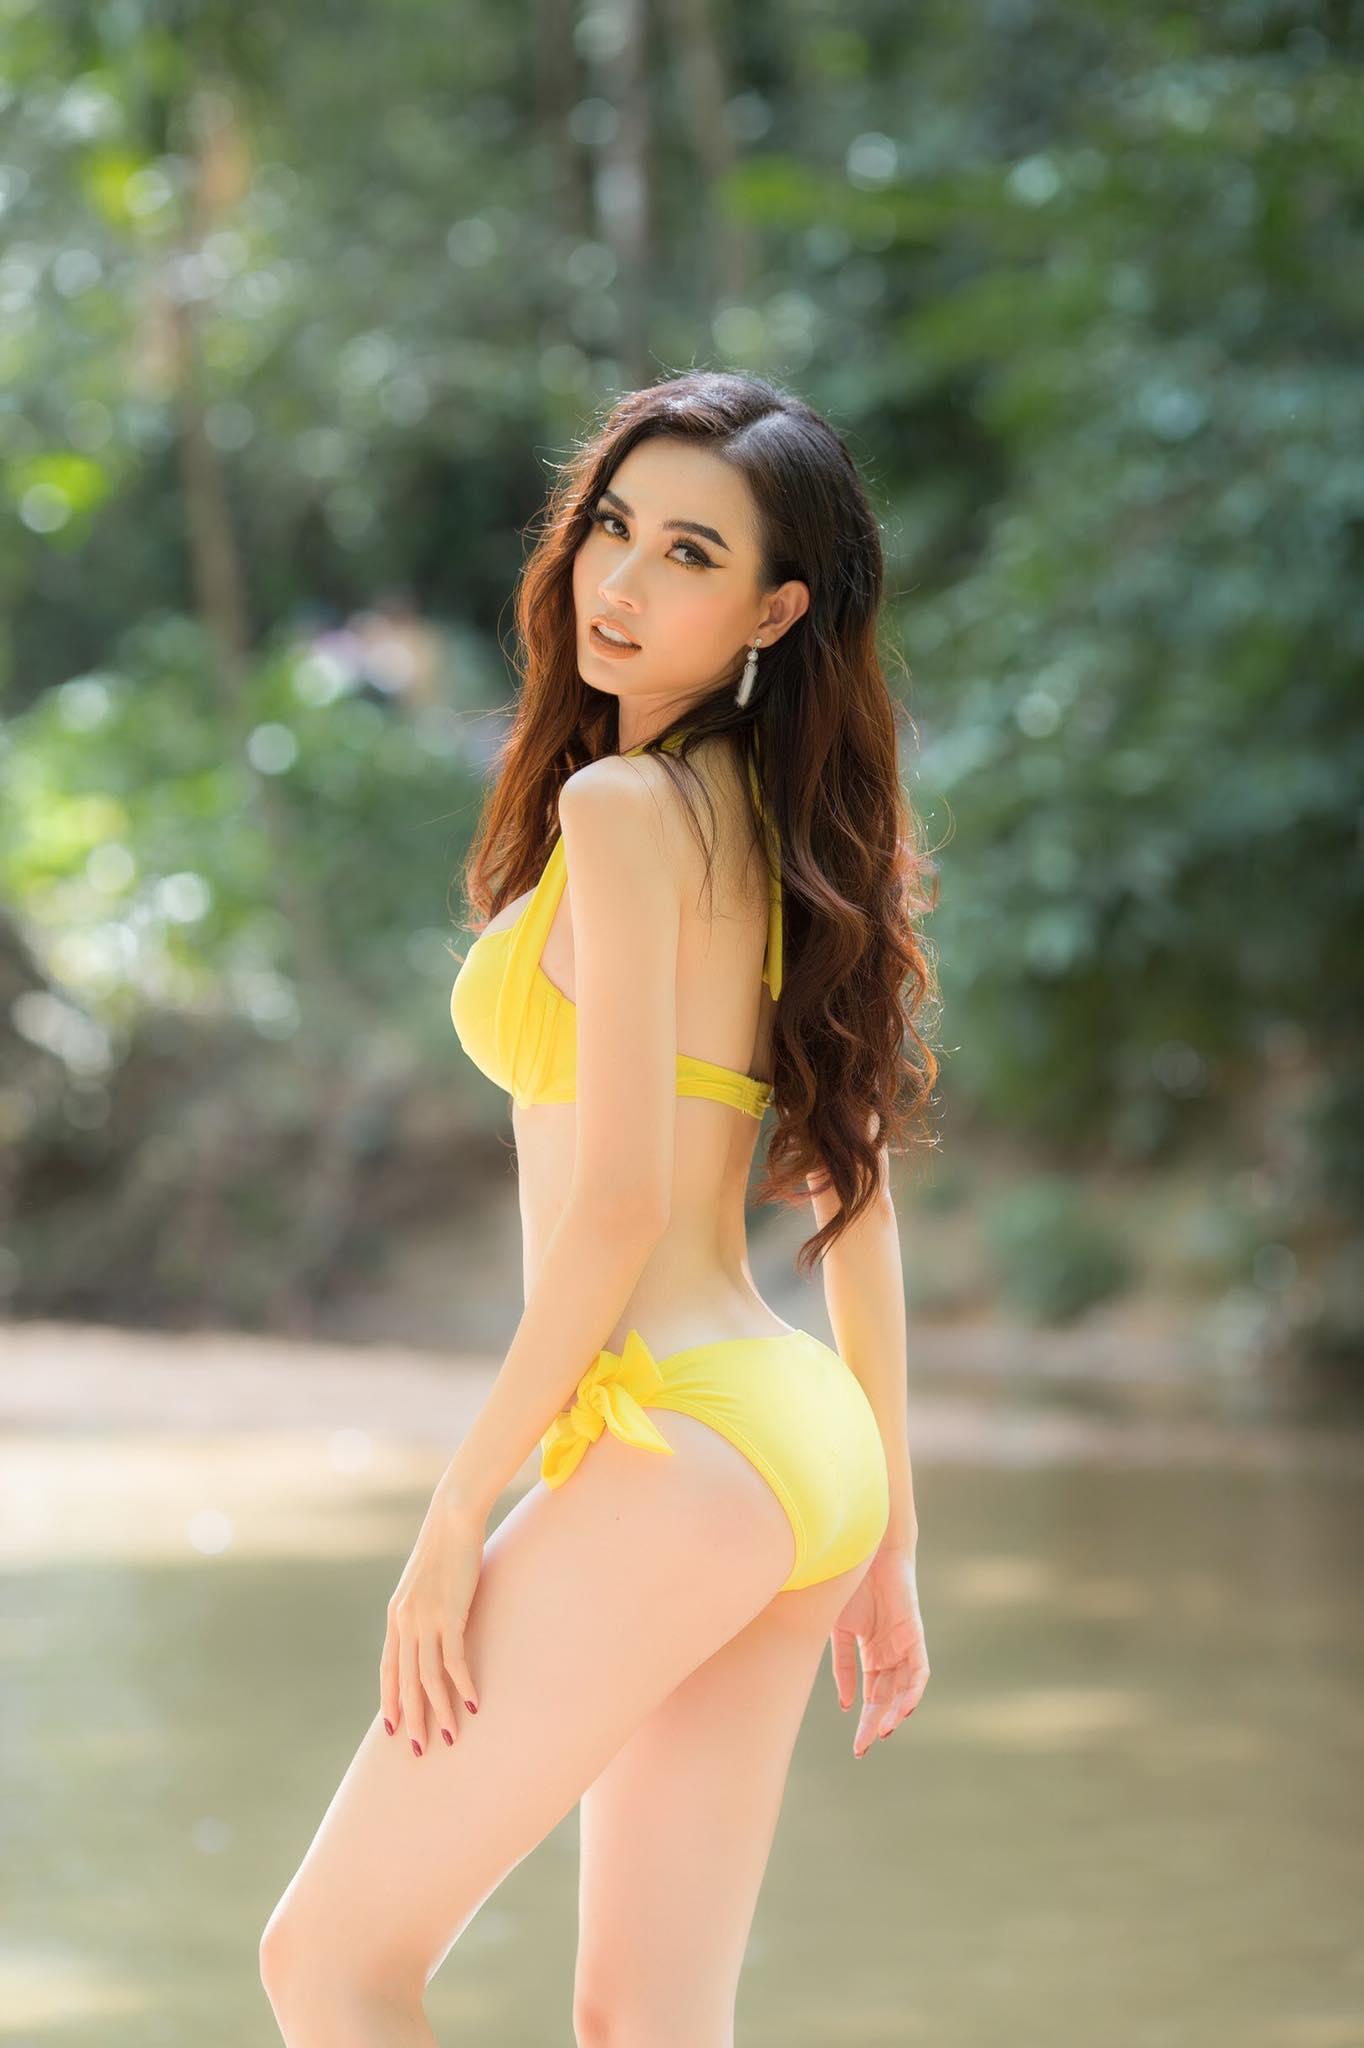 """Hoa hậu Việt đóng """"cảnh nóng"""" khiến dân mạng đòi cấm chiếu phim sở hữu body nuột nà - 1"""